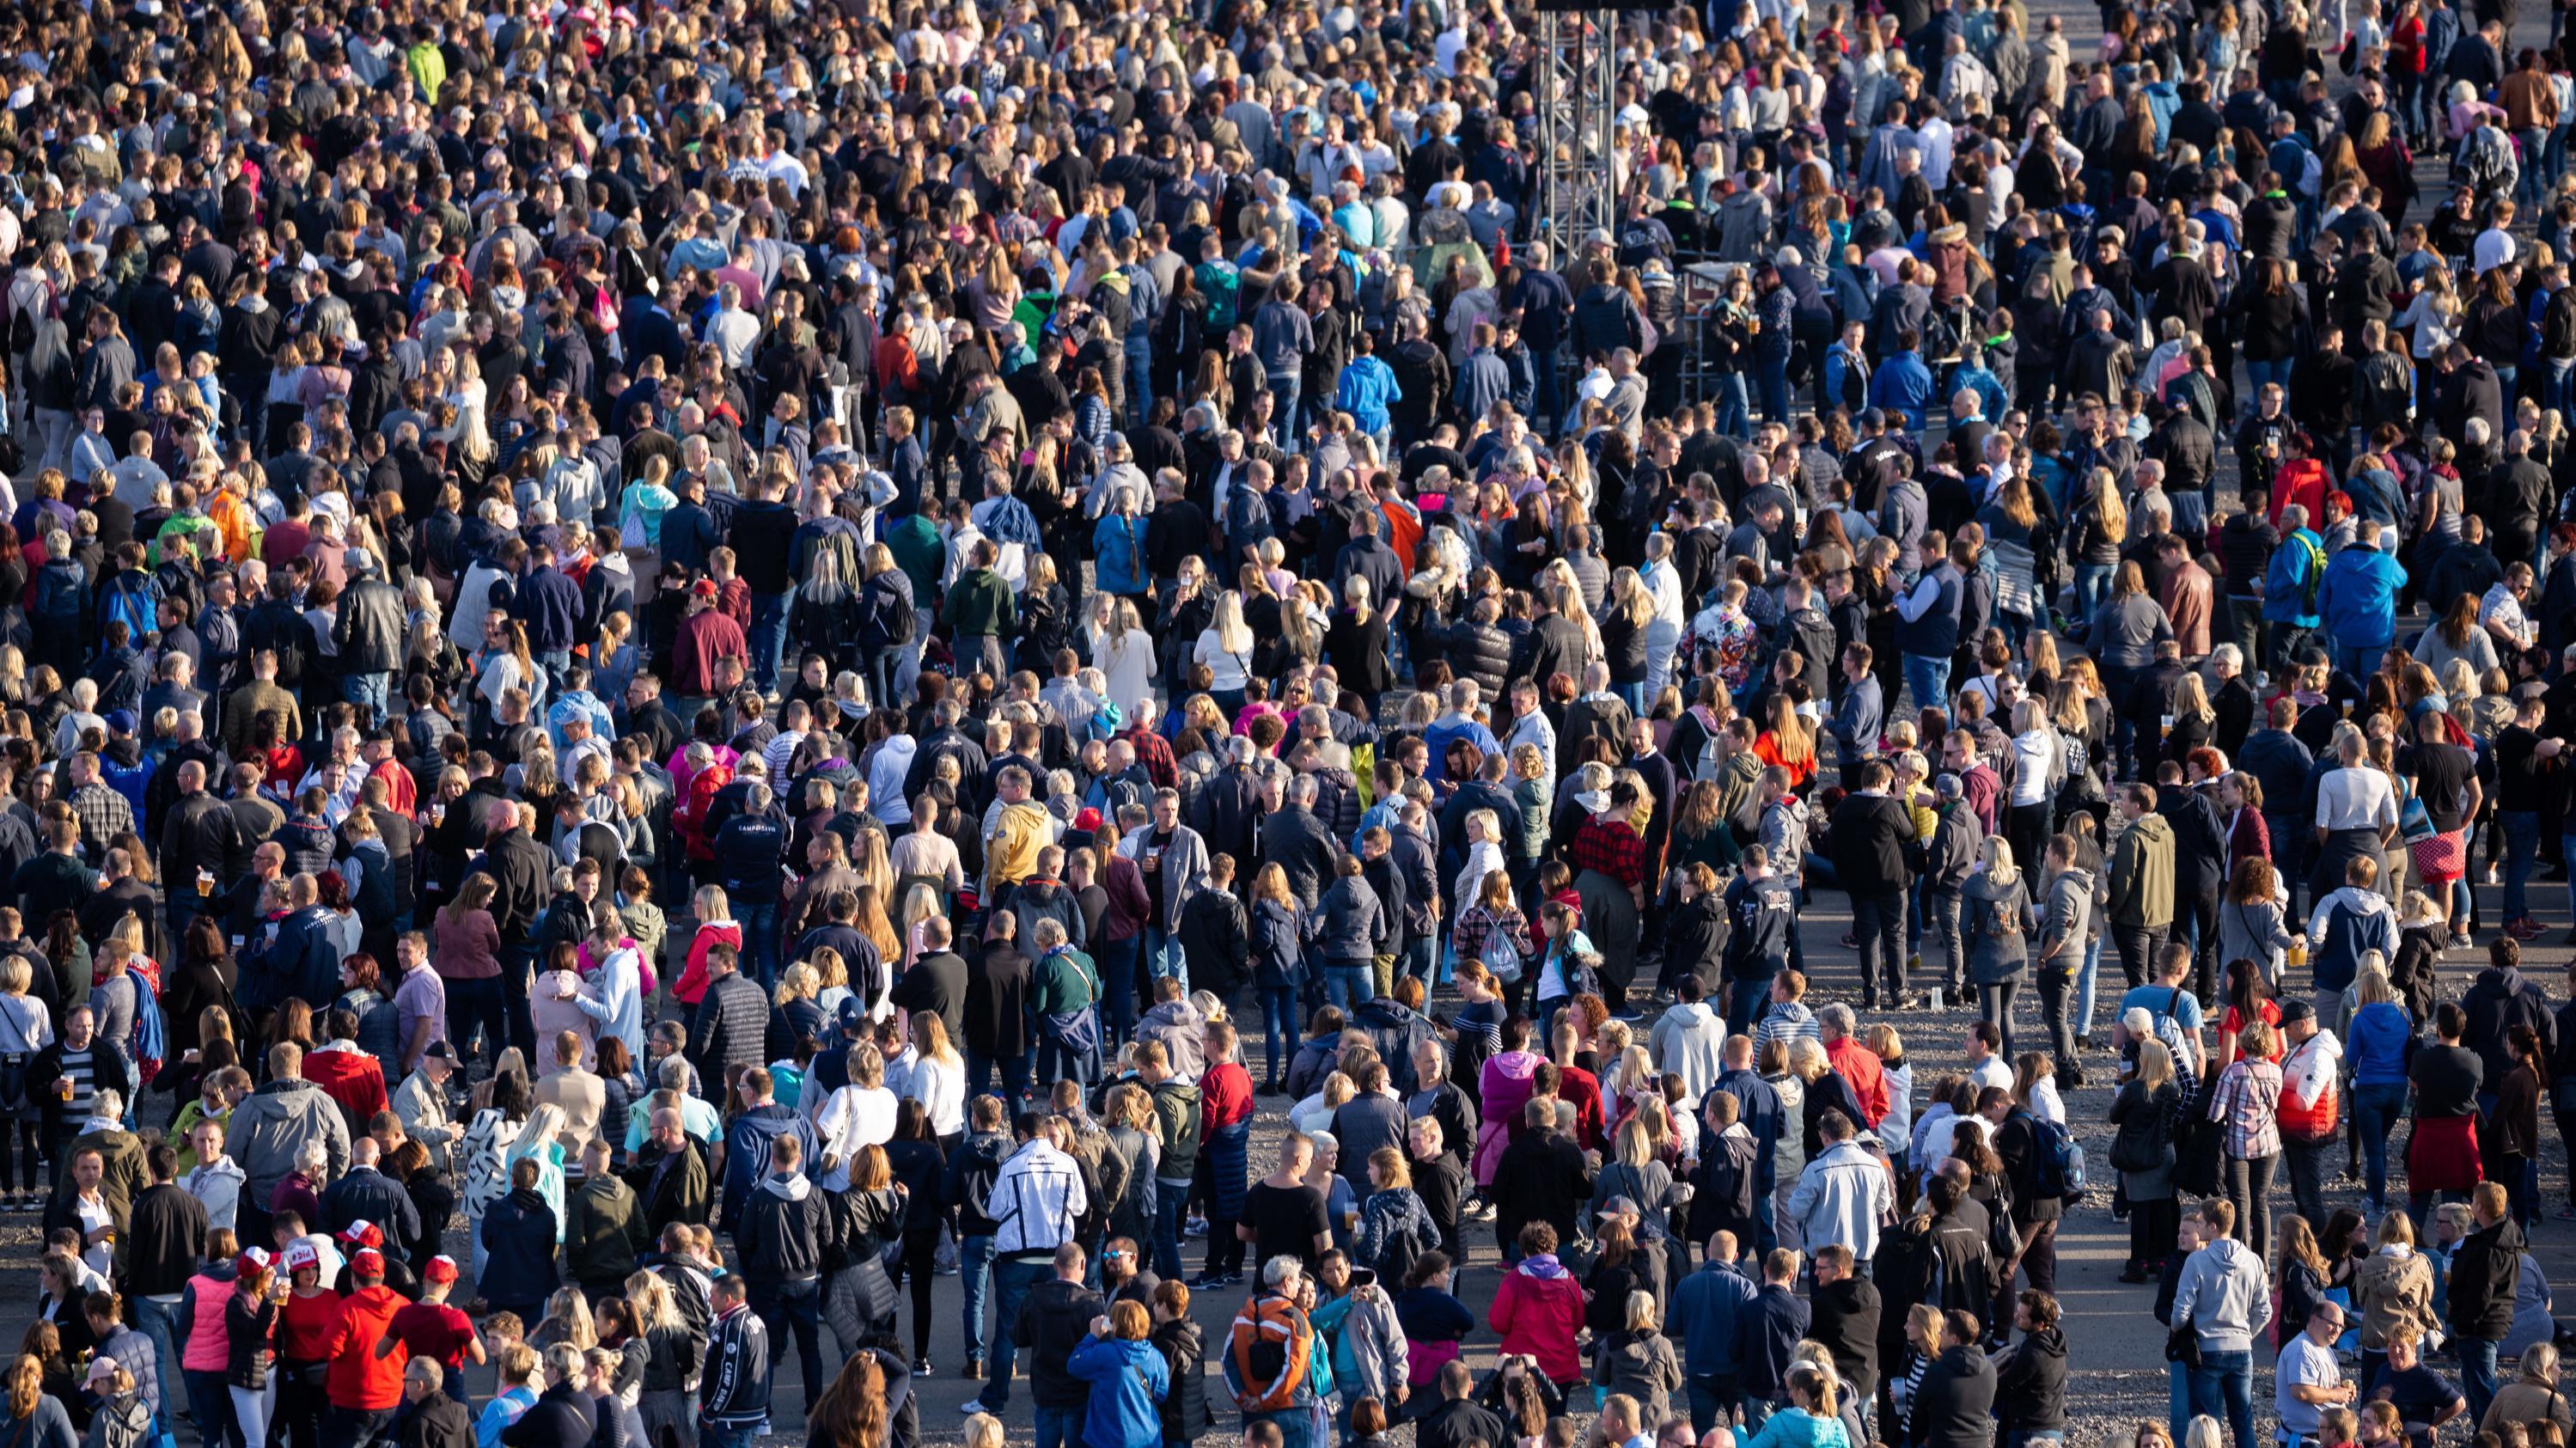 Menschenmassen auf einem Platz